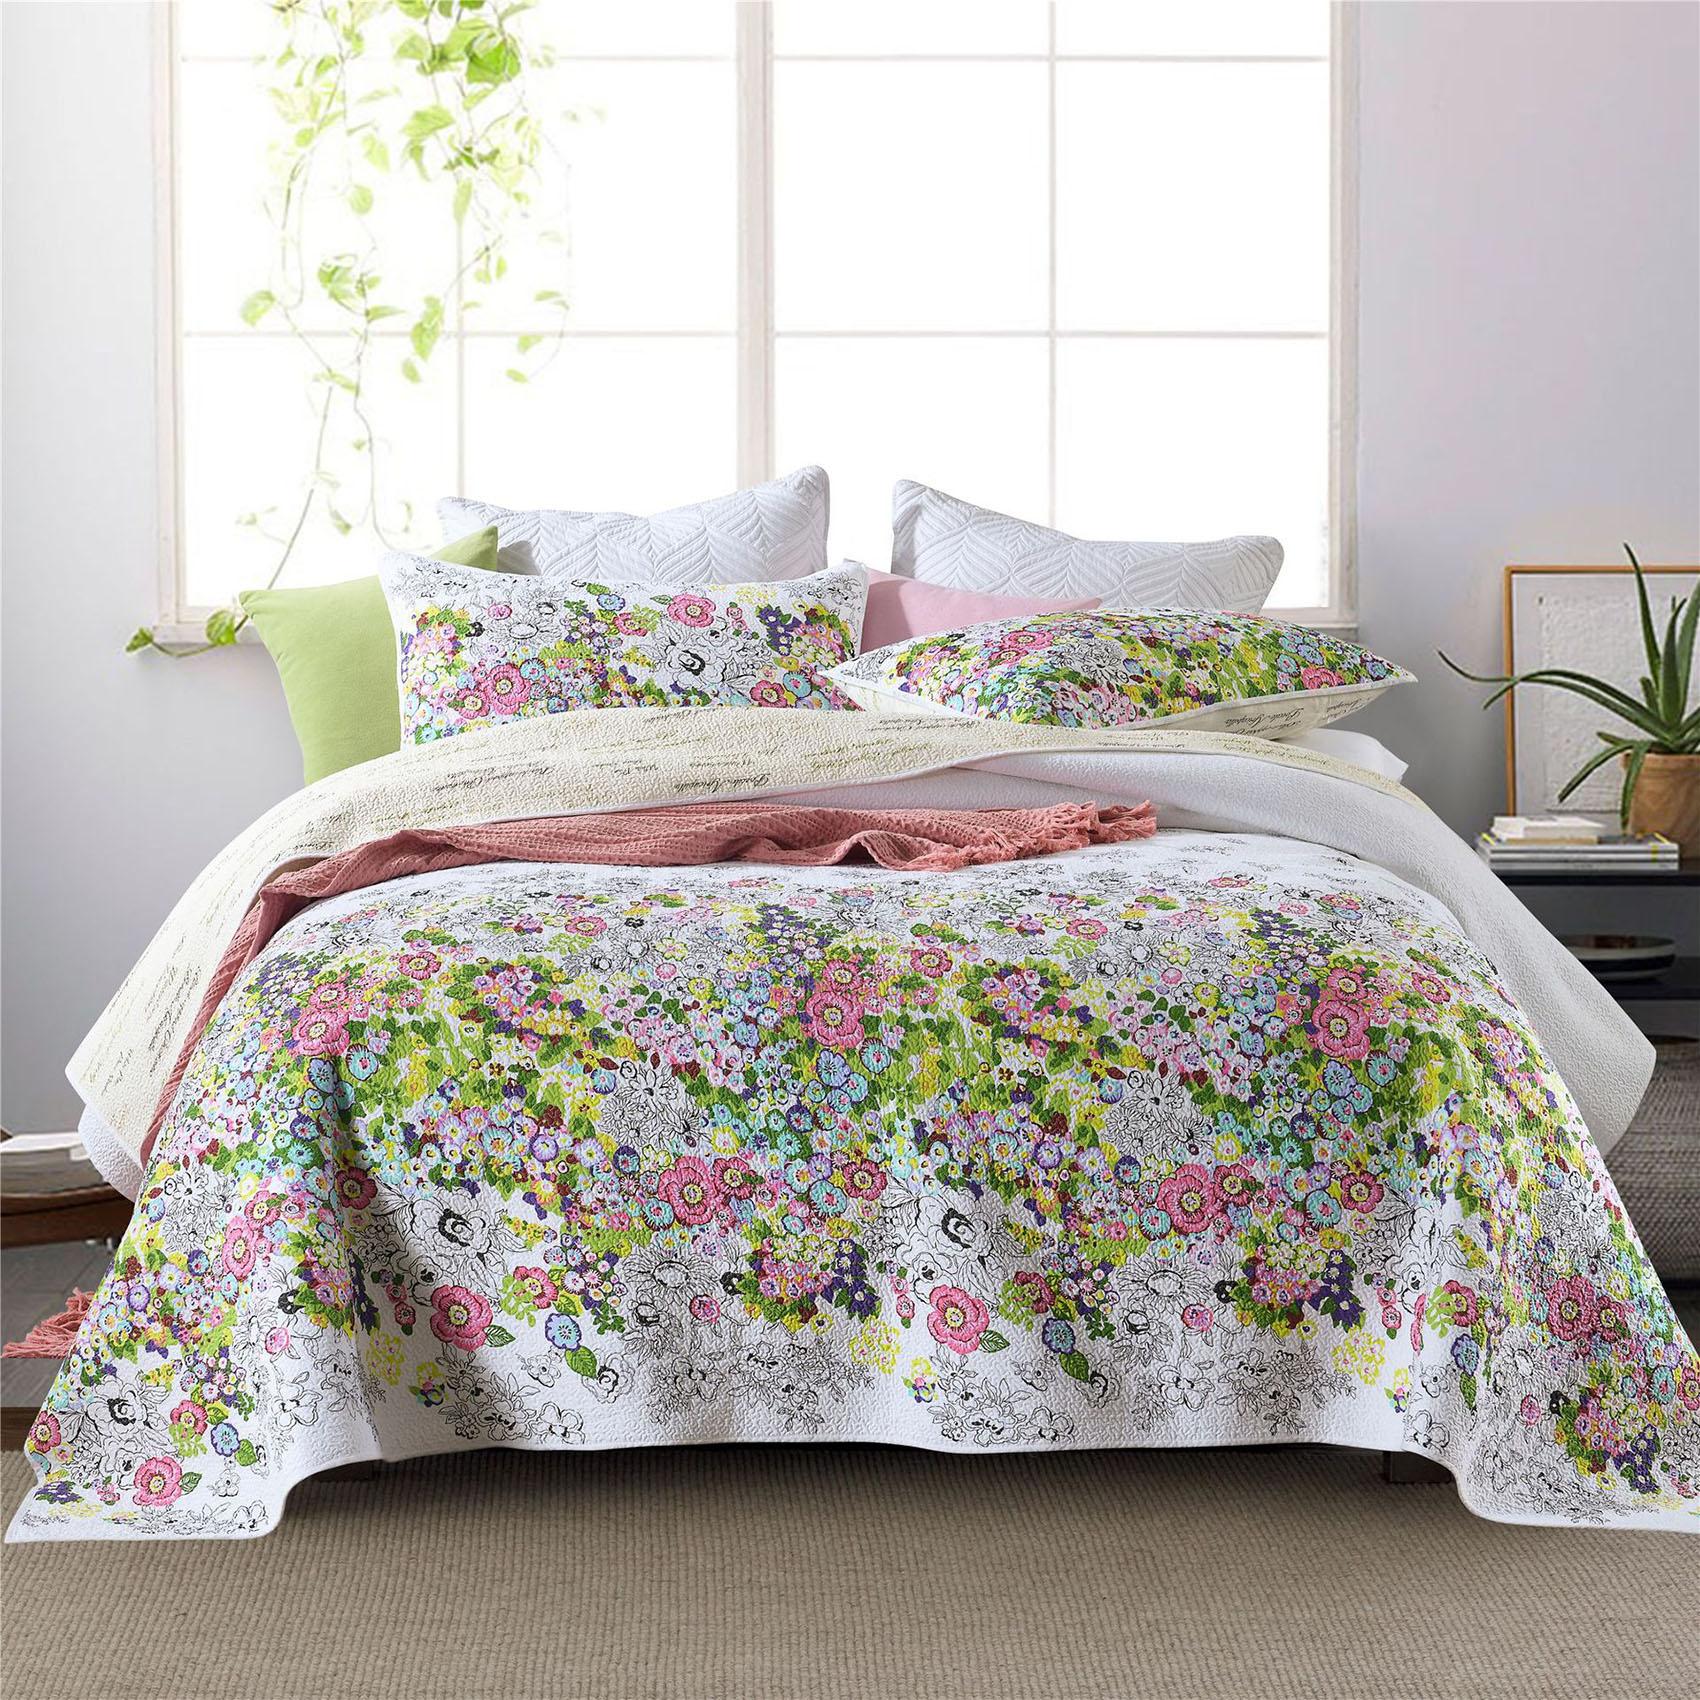 زهرة المفرش ل سرير مزدوج لحاف القطن 3 قطعة مجموعة مبطن غطاء السرير المخدة الملكة حجم بطانية الصيف بطانيات CHAUSUB